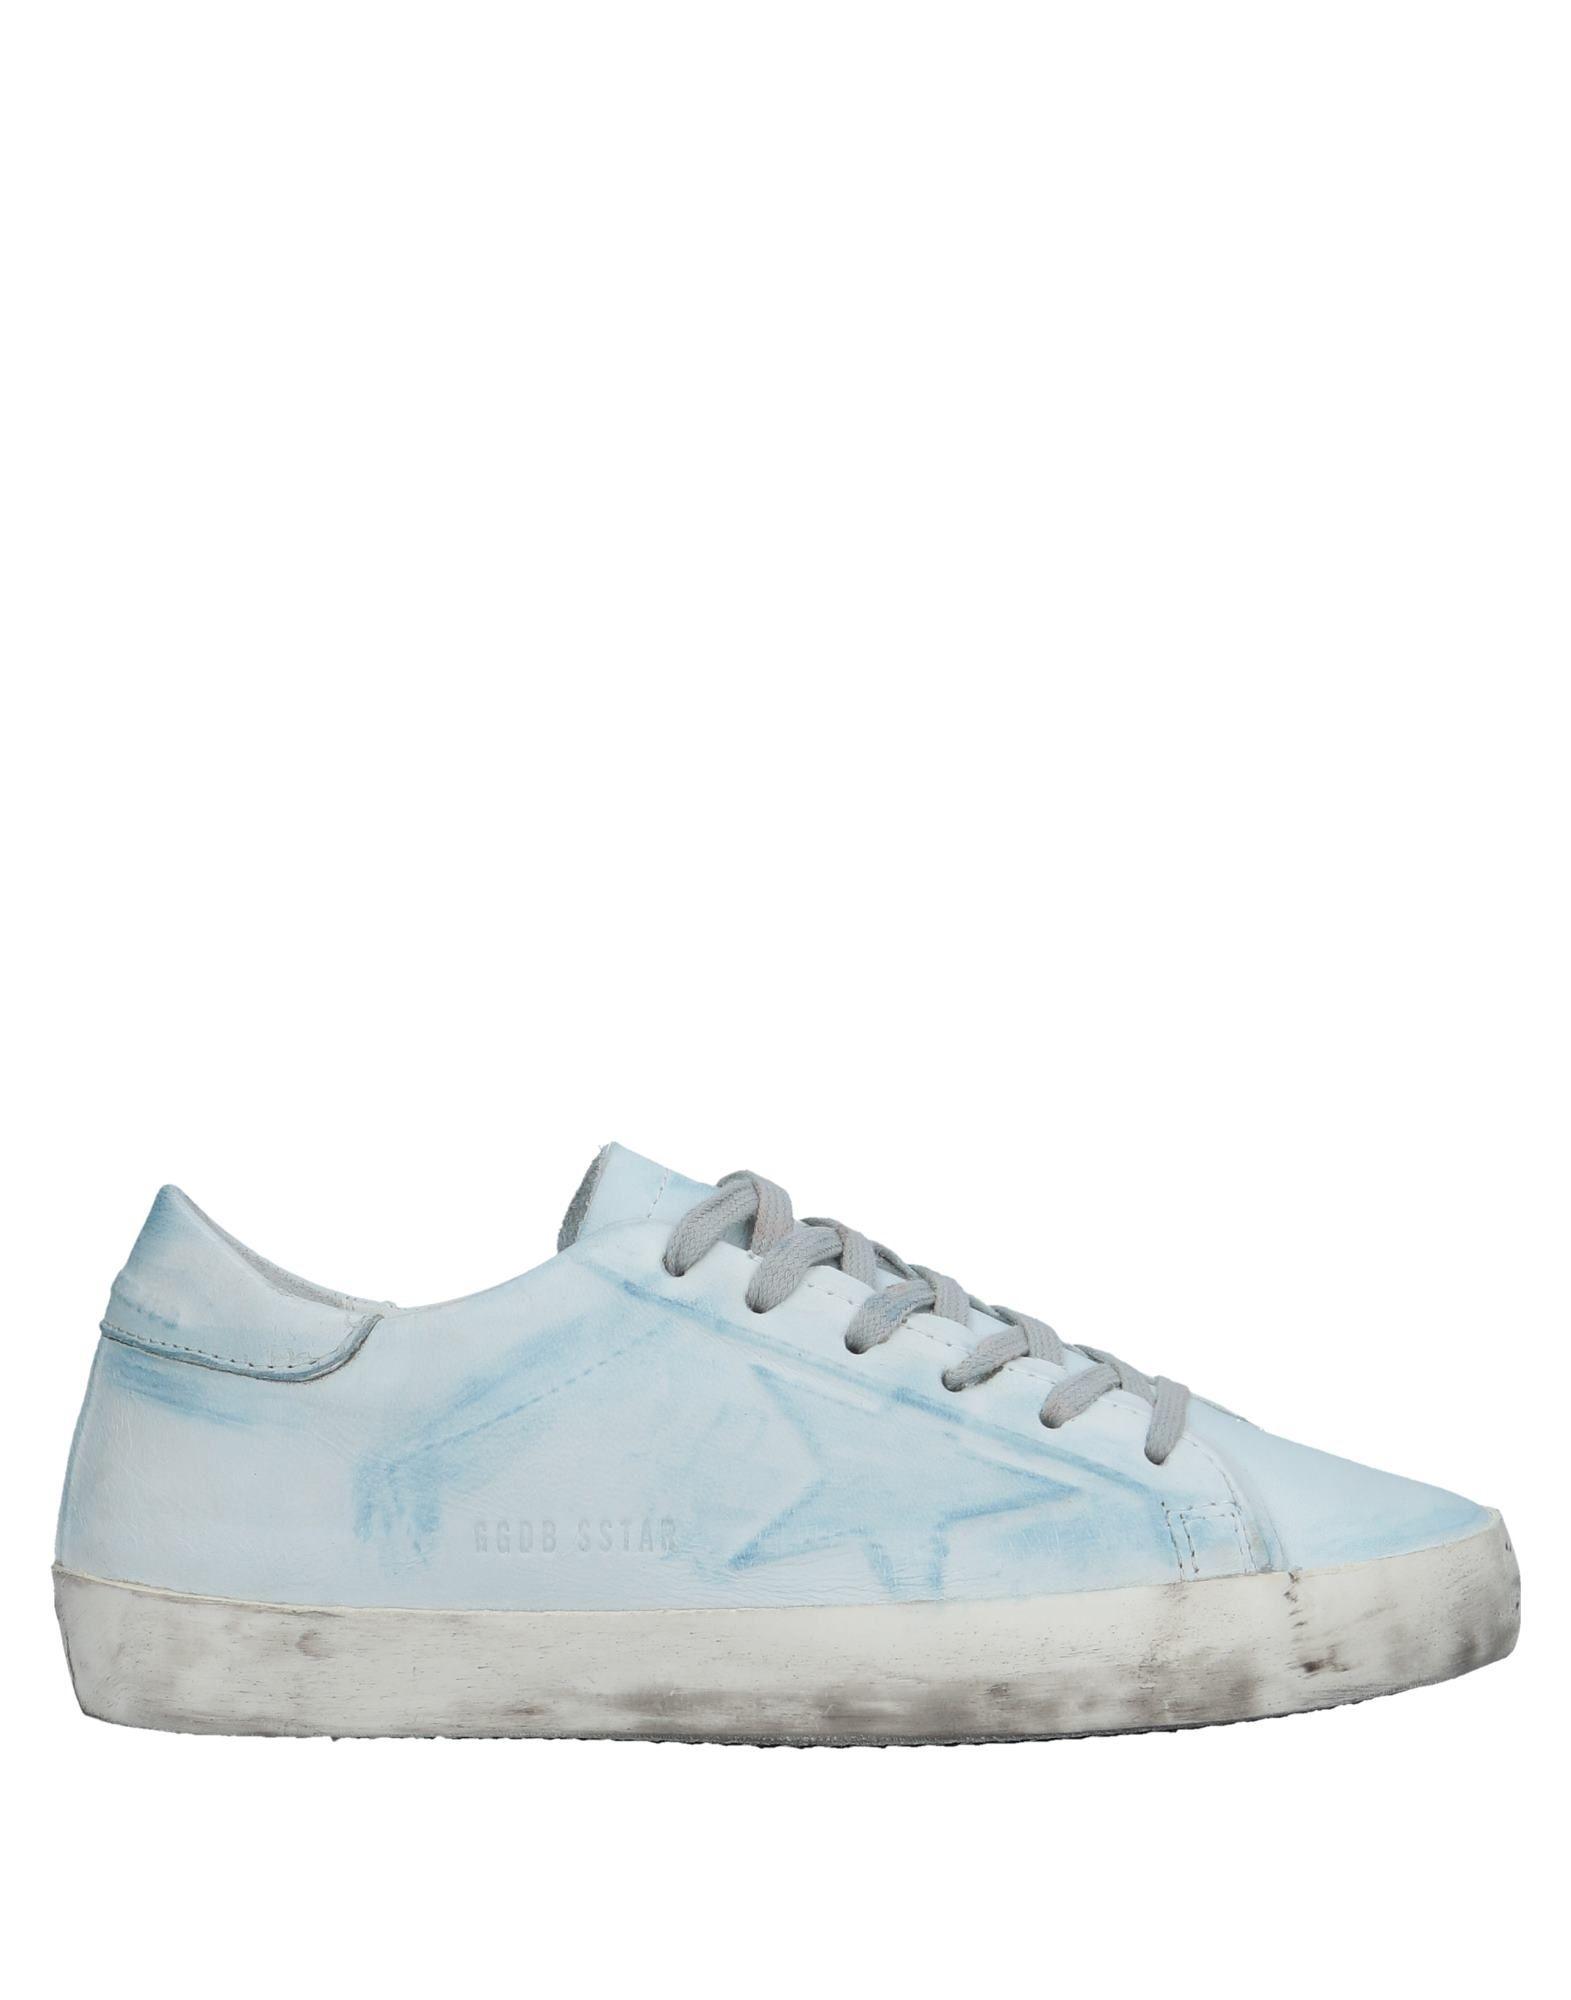 Rabatt Schuhe Golden Goose Deluxe Brand Sneakers Damen  11507081AL